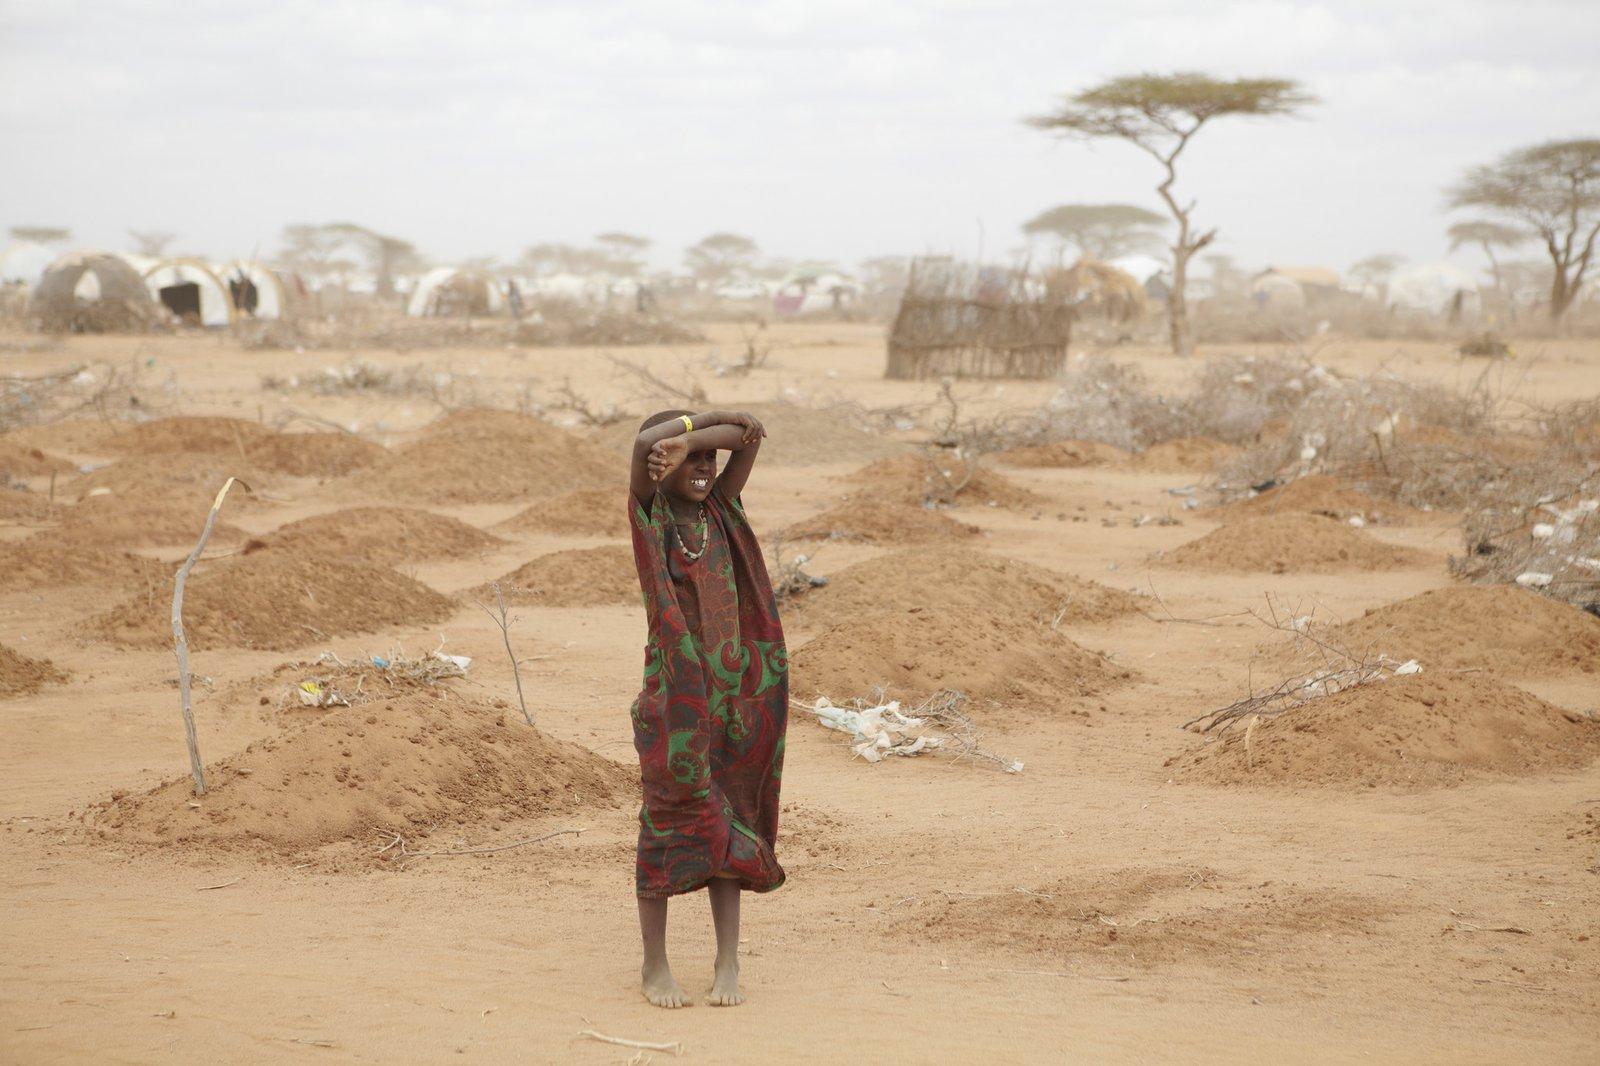 Dziewczynka na cmentarzu uchodźców na obrzeżach Dadaab wKenii Dziewczynka na cmentarzu uchodźców na obrzeżach Dadaab wKenii Źródło: Oxfam East Africa, licencja: CC BY 2.0.